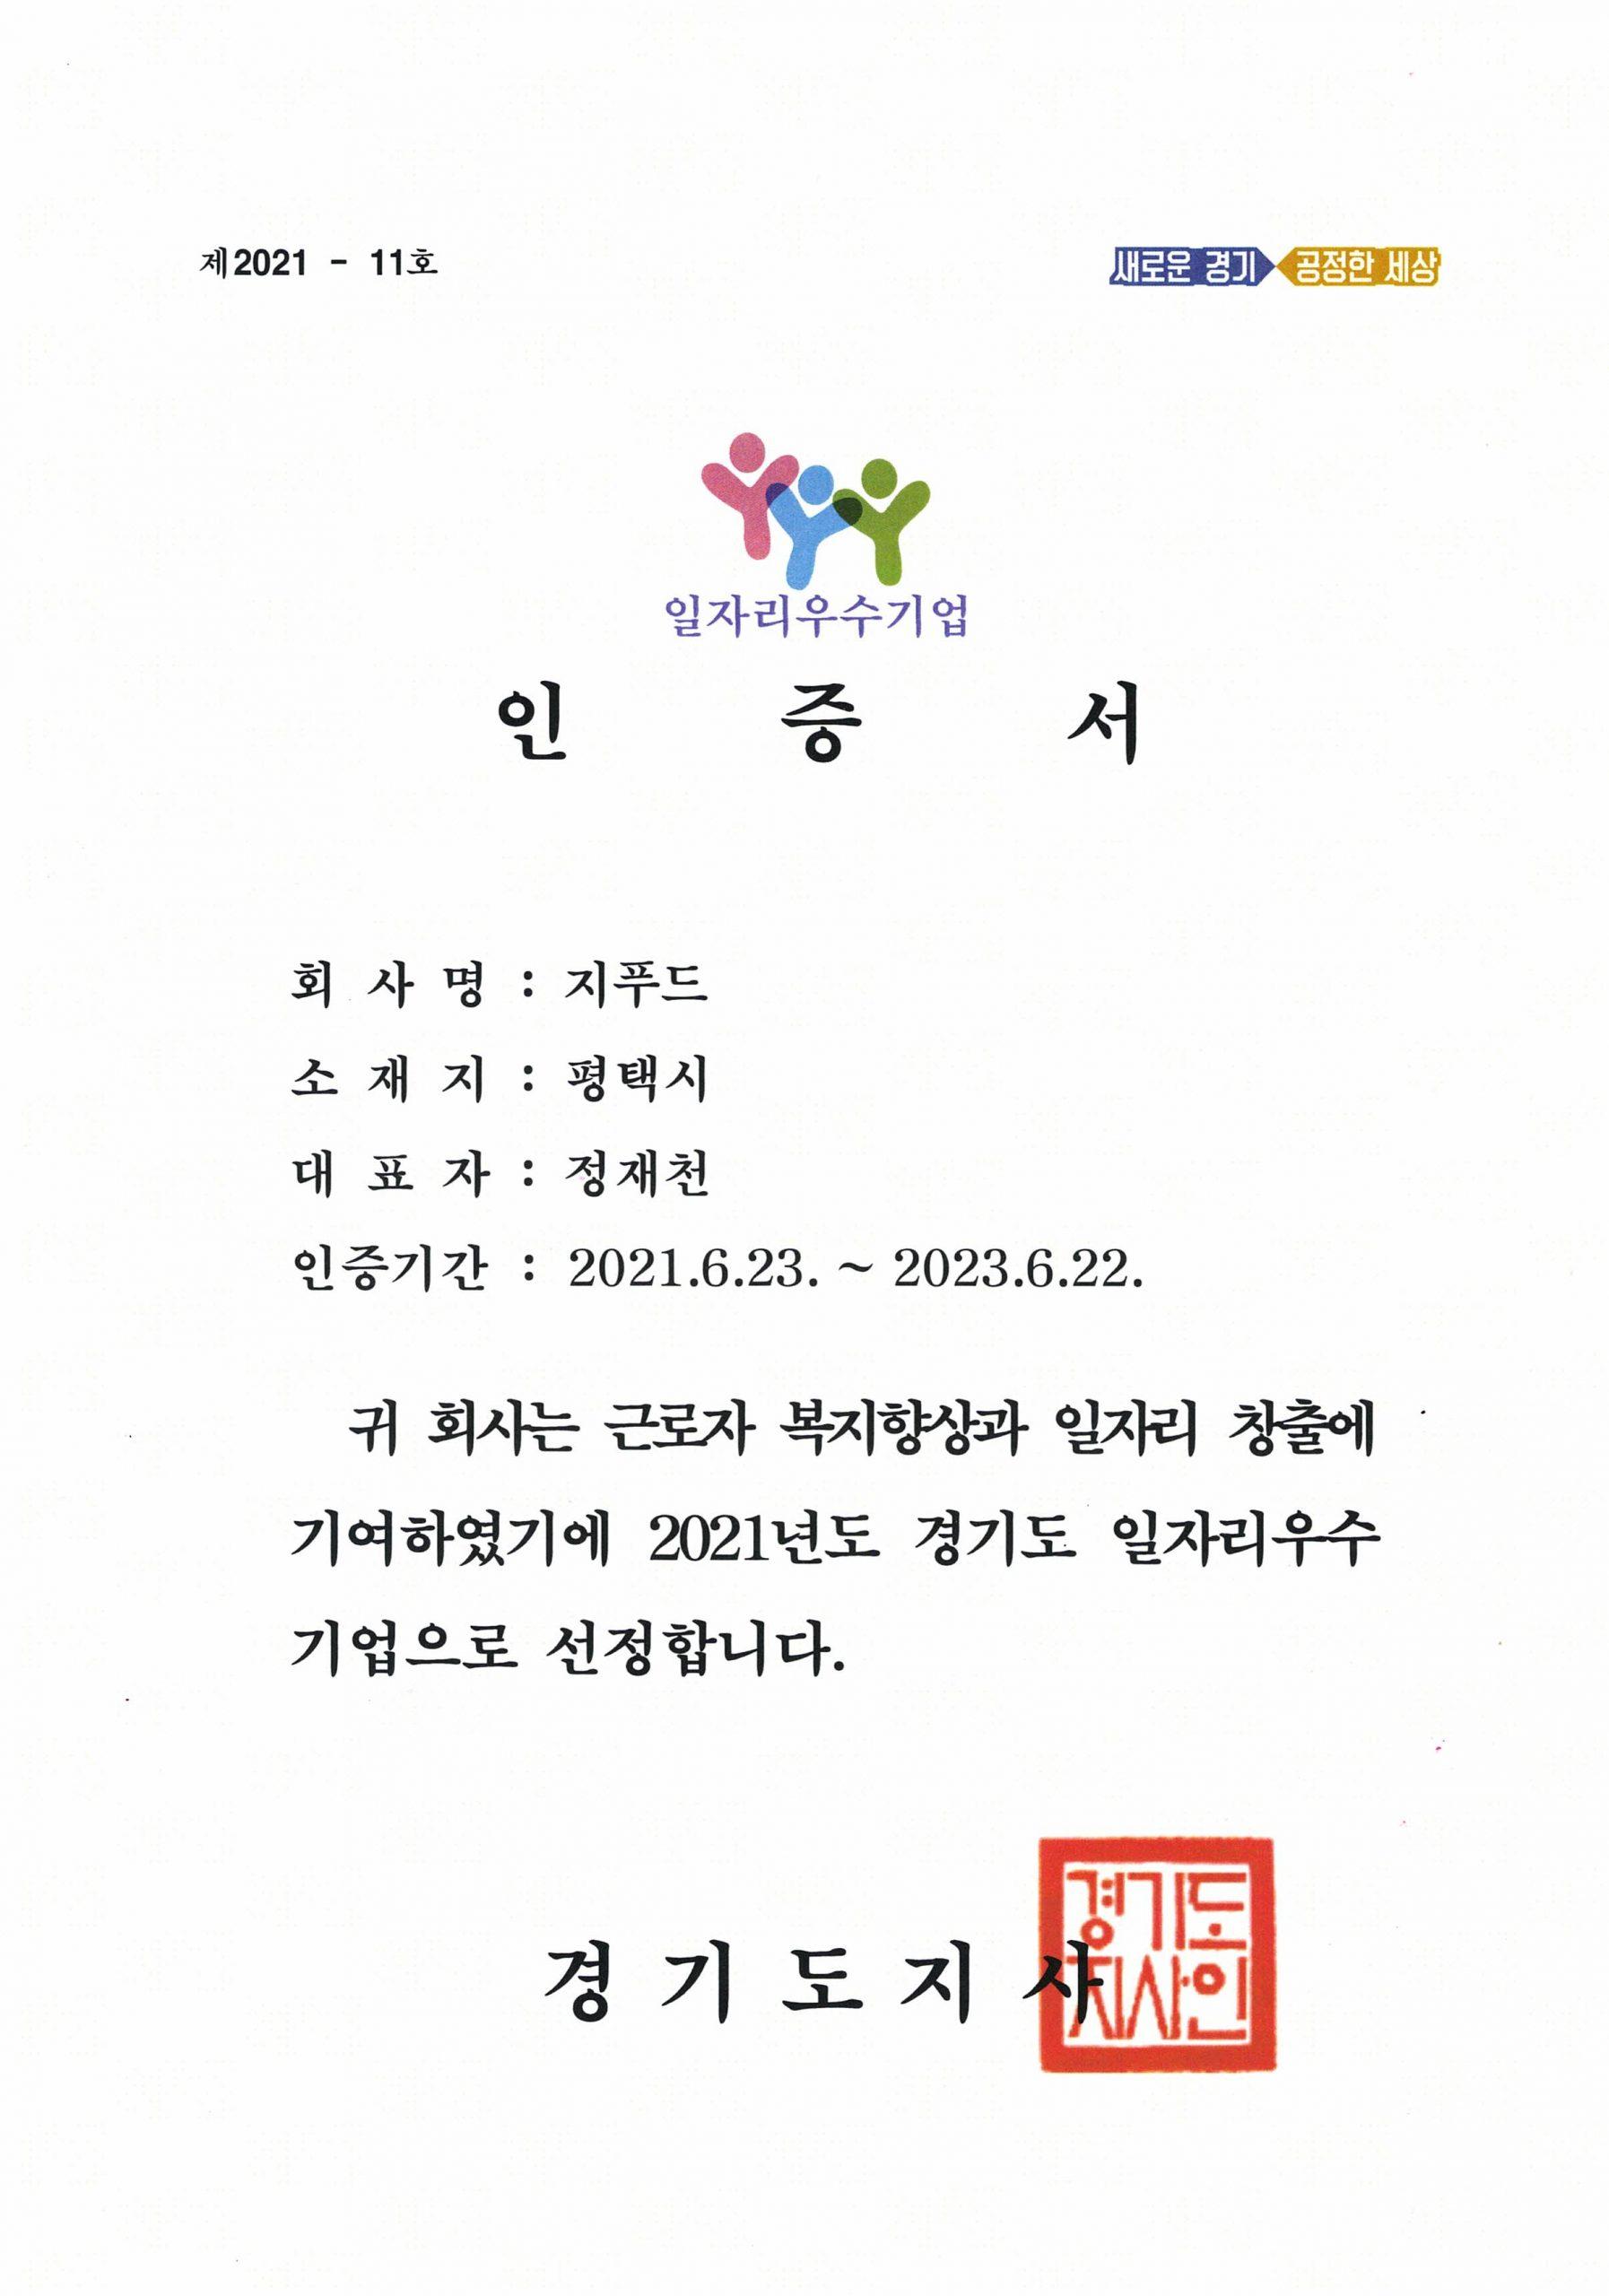 경기도 일자리 우수기업 인증